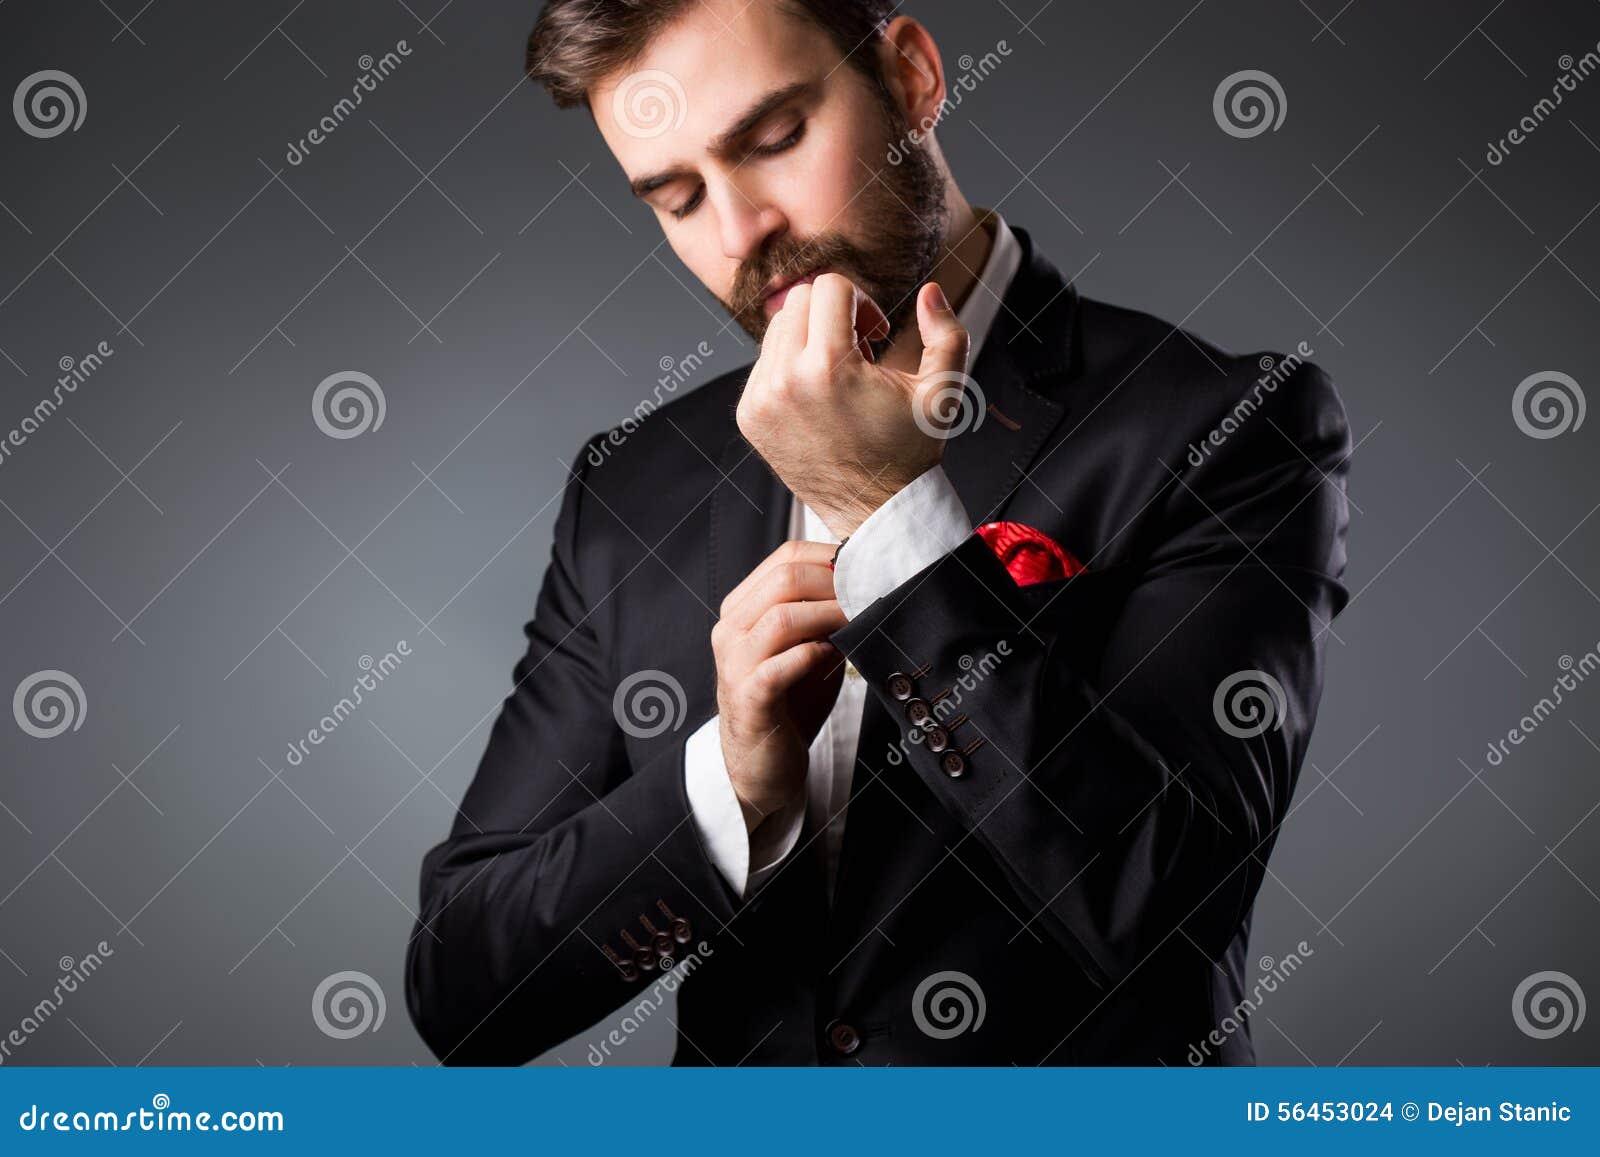 Vestito Elegante Ufficio : Stile dell uomo prepararsi elegante del giovane vestito camicia e